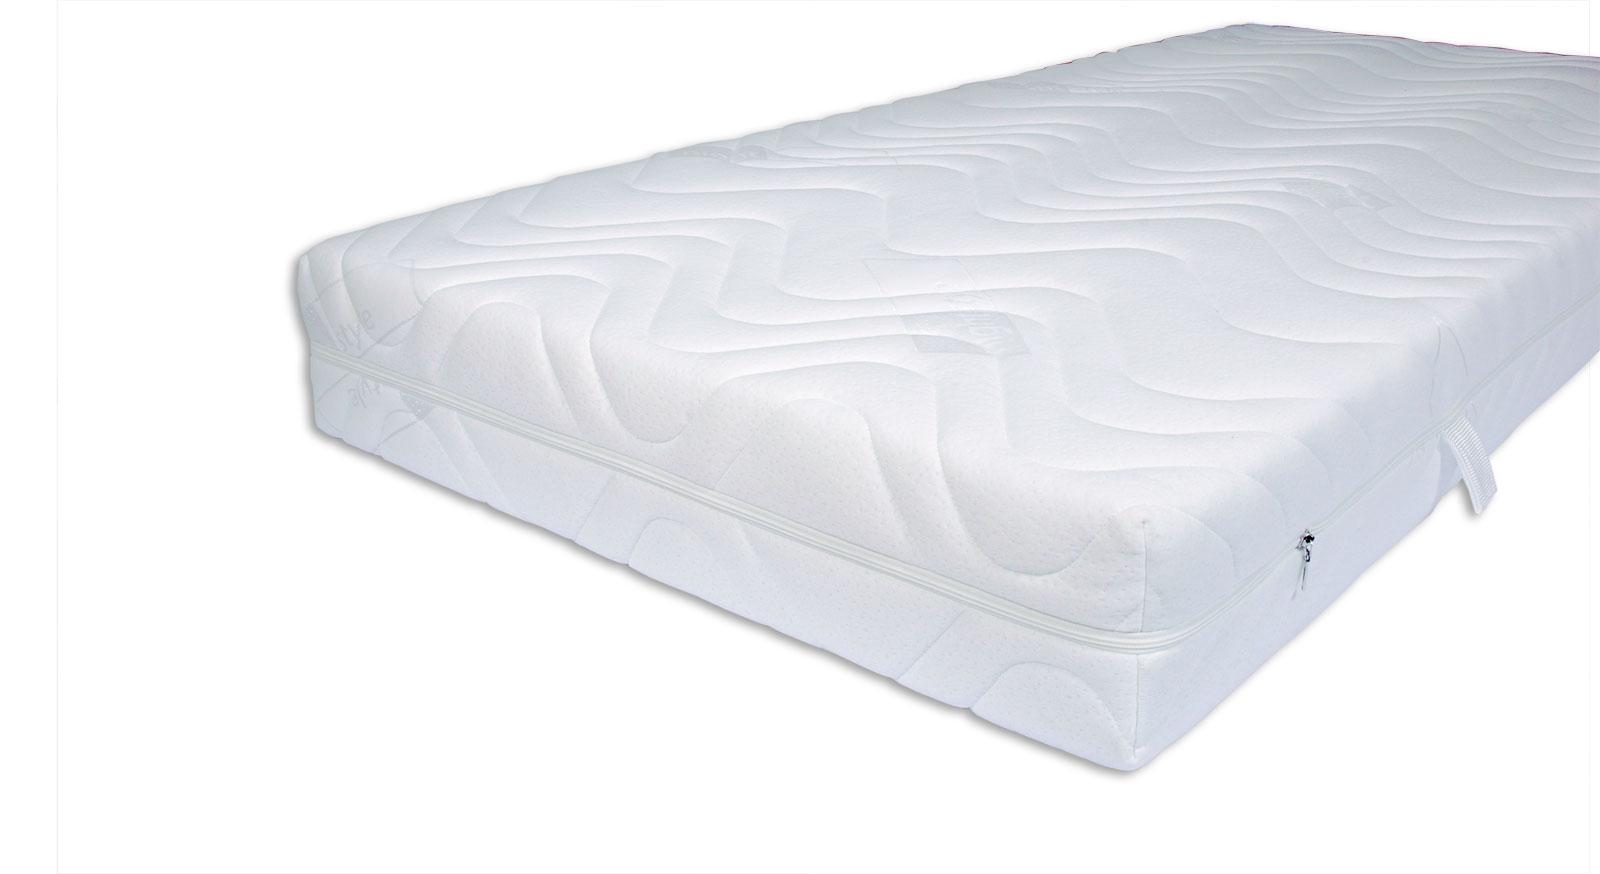 federkernmatratze oder kaltschaum 28 images 24 luxus federkernmatratze h2 fotos matratzen. Black Bedroom Furniture Sets. Home Design Ideas